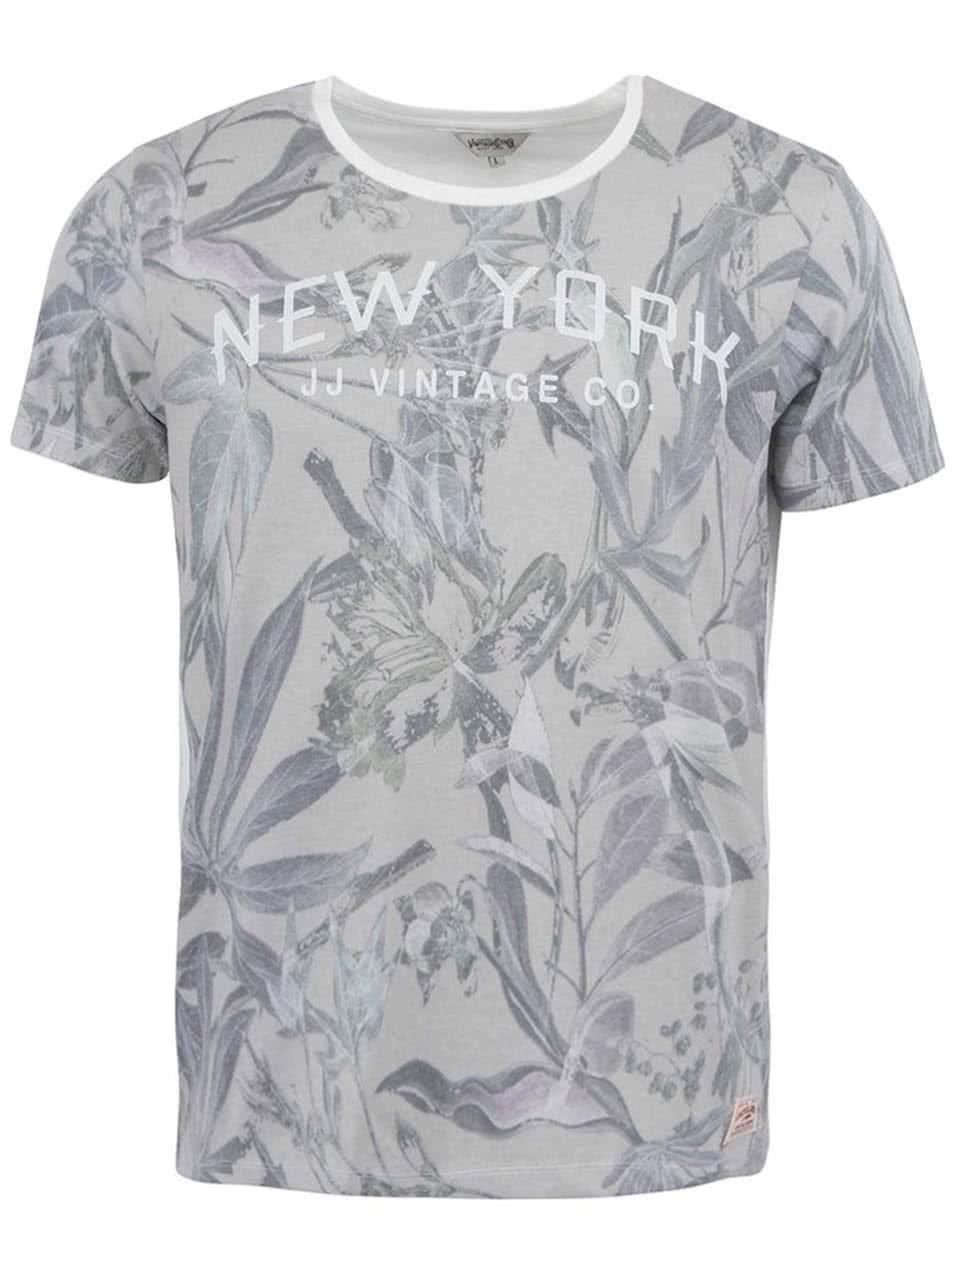 29eb77cdb825 Biele tričko s kvetinovou potlačou Jack   Jones New Sup ...